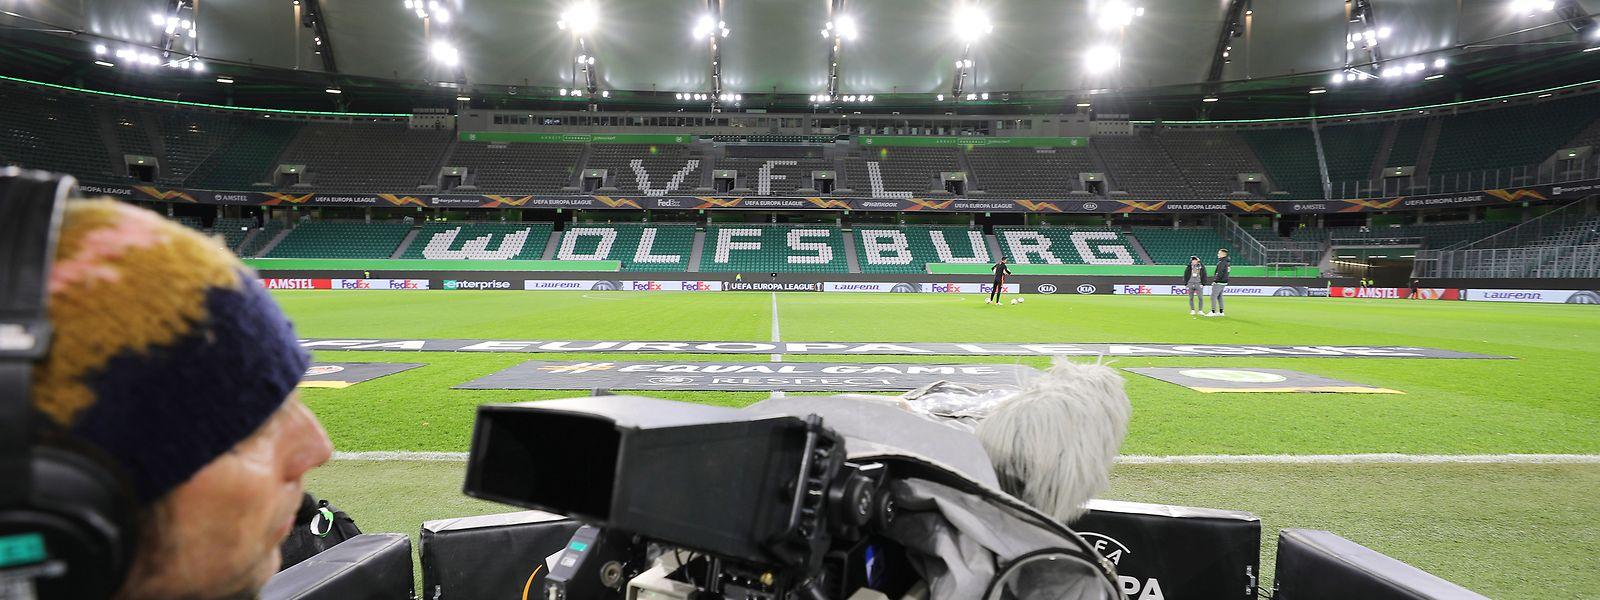 Les responsables de la Bundesliga ont finalement opté pour l'annulation de la compétition.